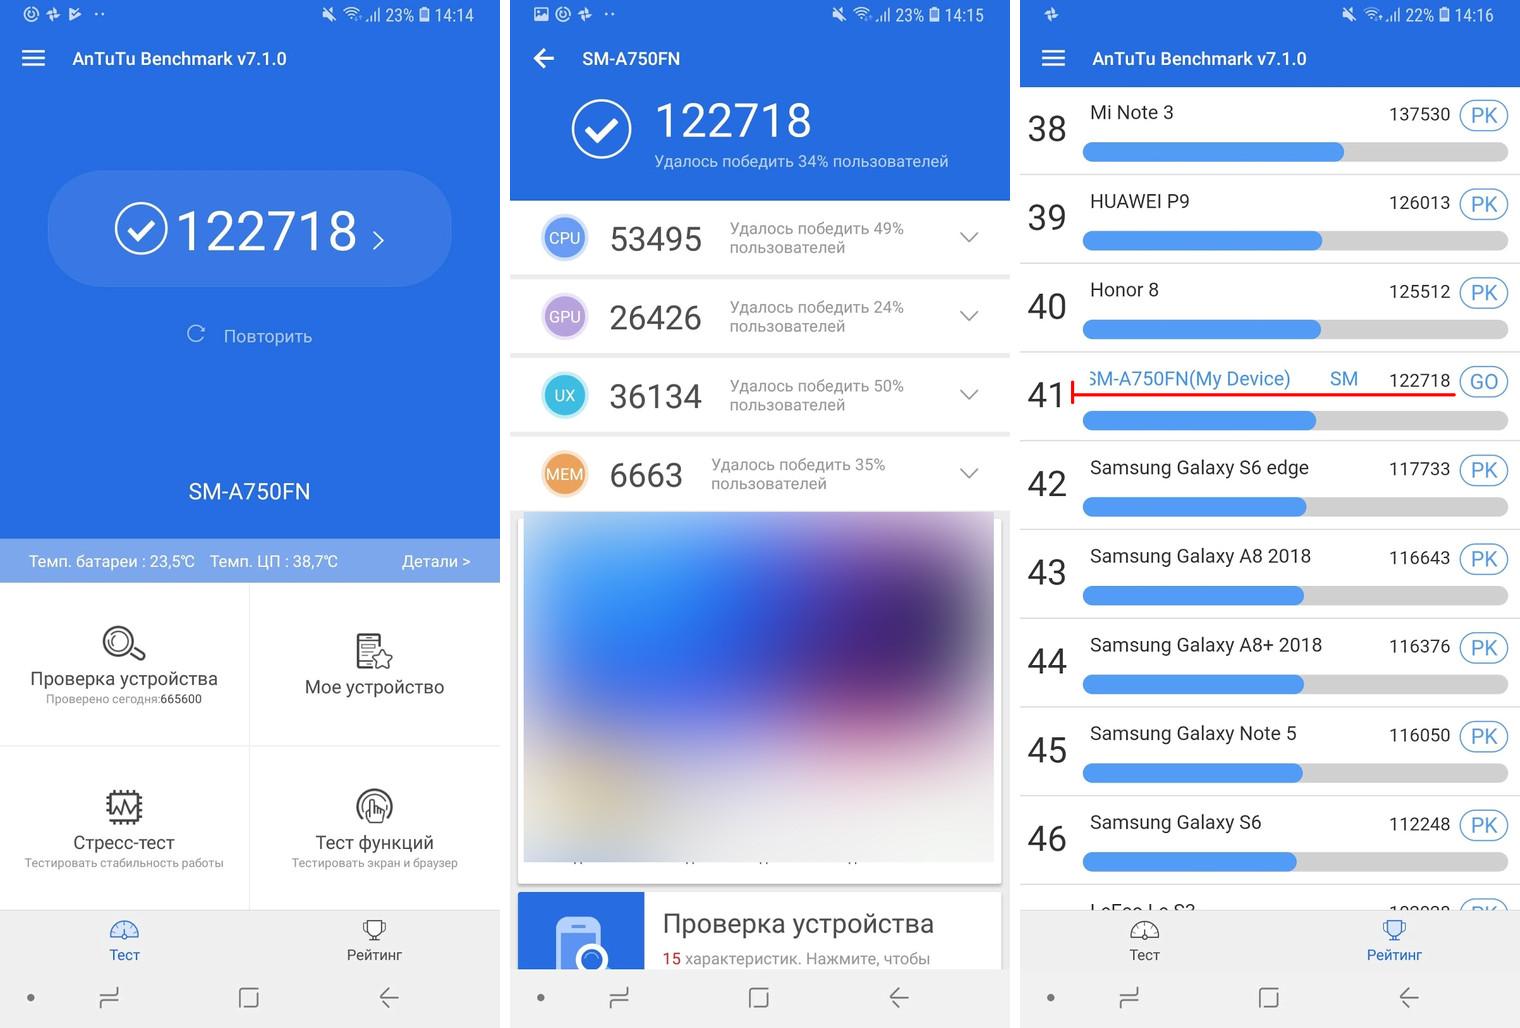 Обзор Samsung Galaxy A7 2018: середнячок с непростой камерой Samsung  - 6-2